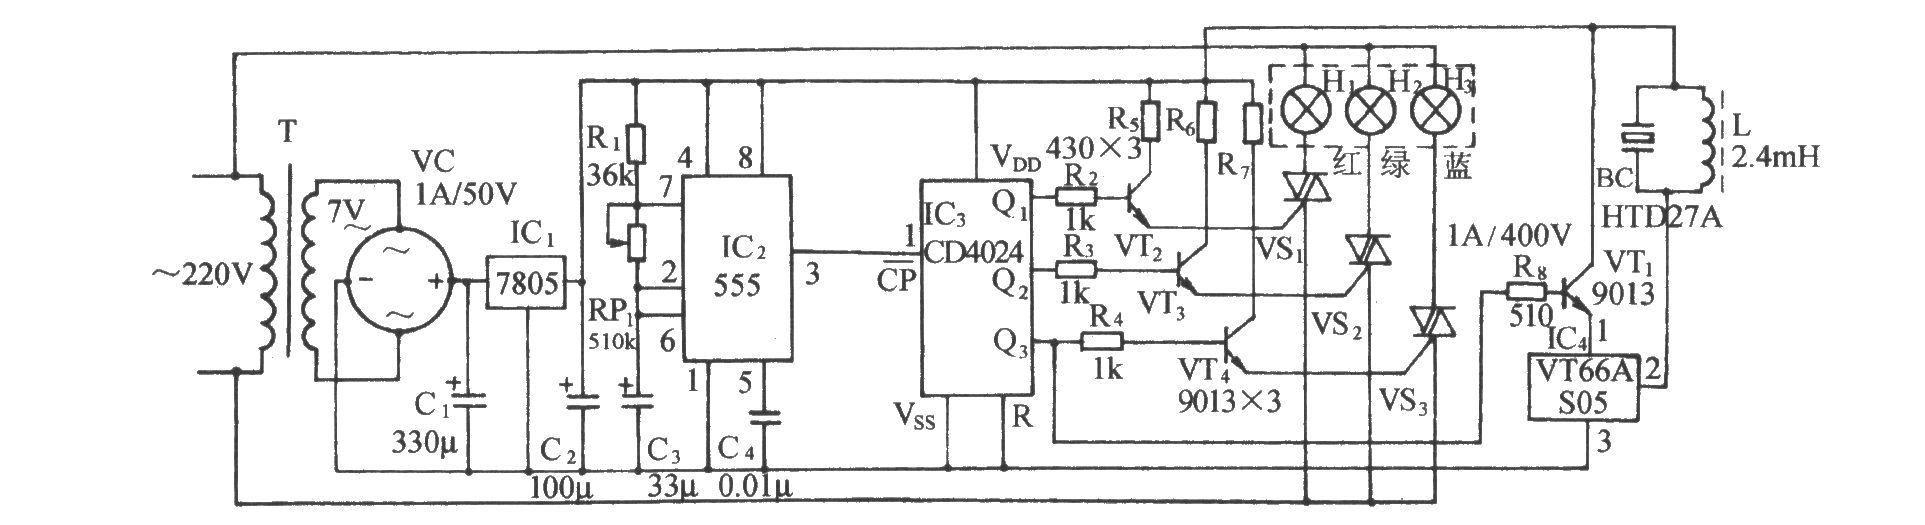 七彩循环彩灯伴音乐盒舞曲控制电路